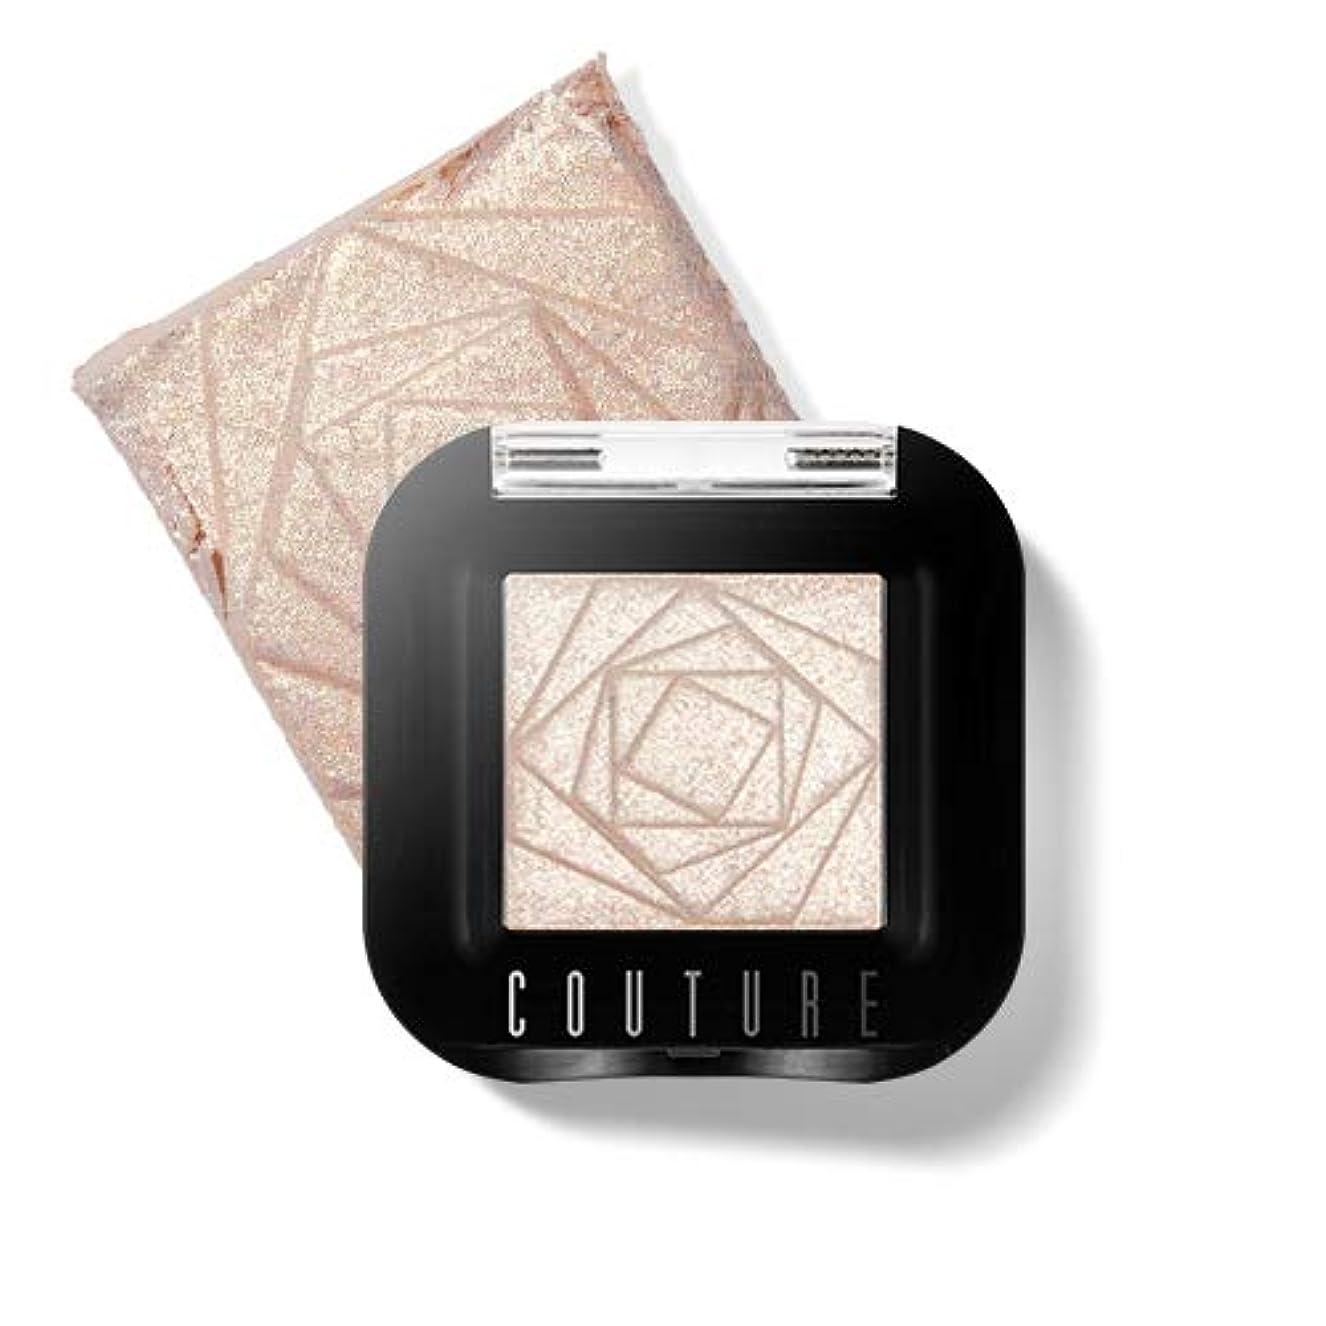 採用するパンサー一見APIEU Couture Shadow (# 26) /アピュ/オピュ クチュールシャドウ 1.7g [並行輸入品]